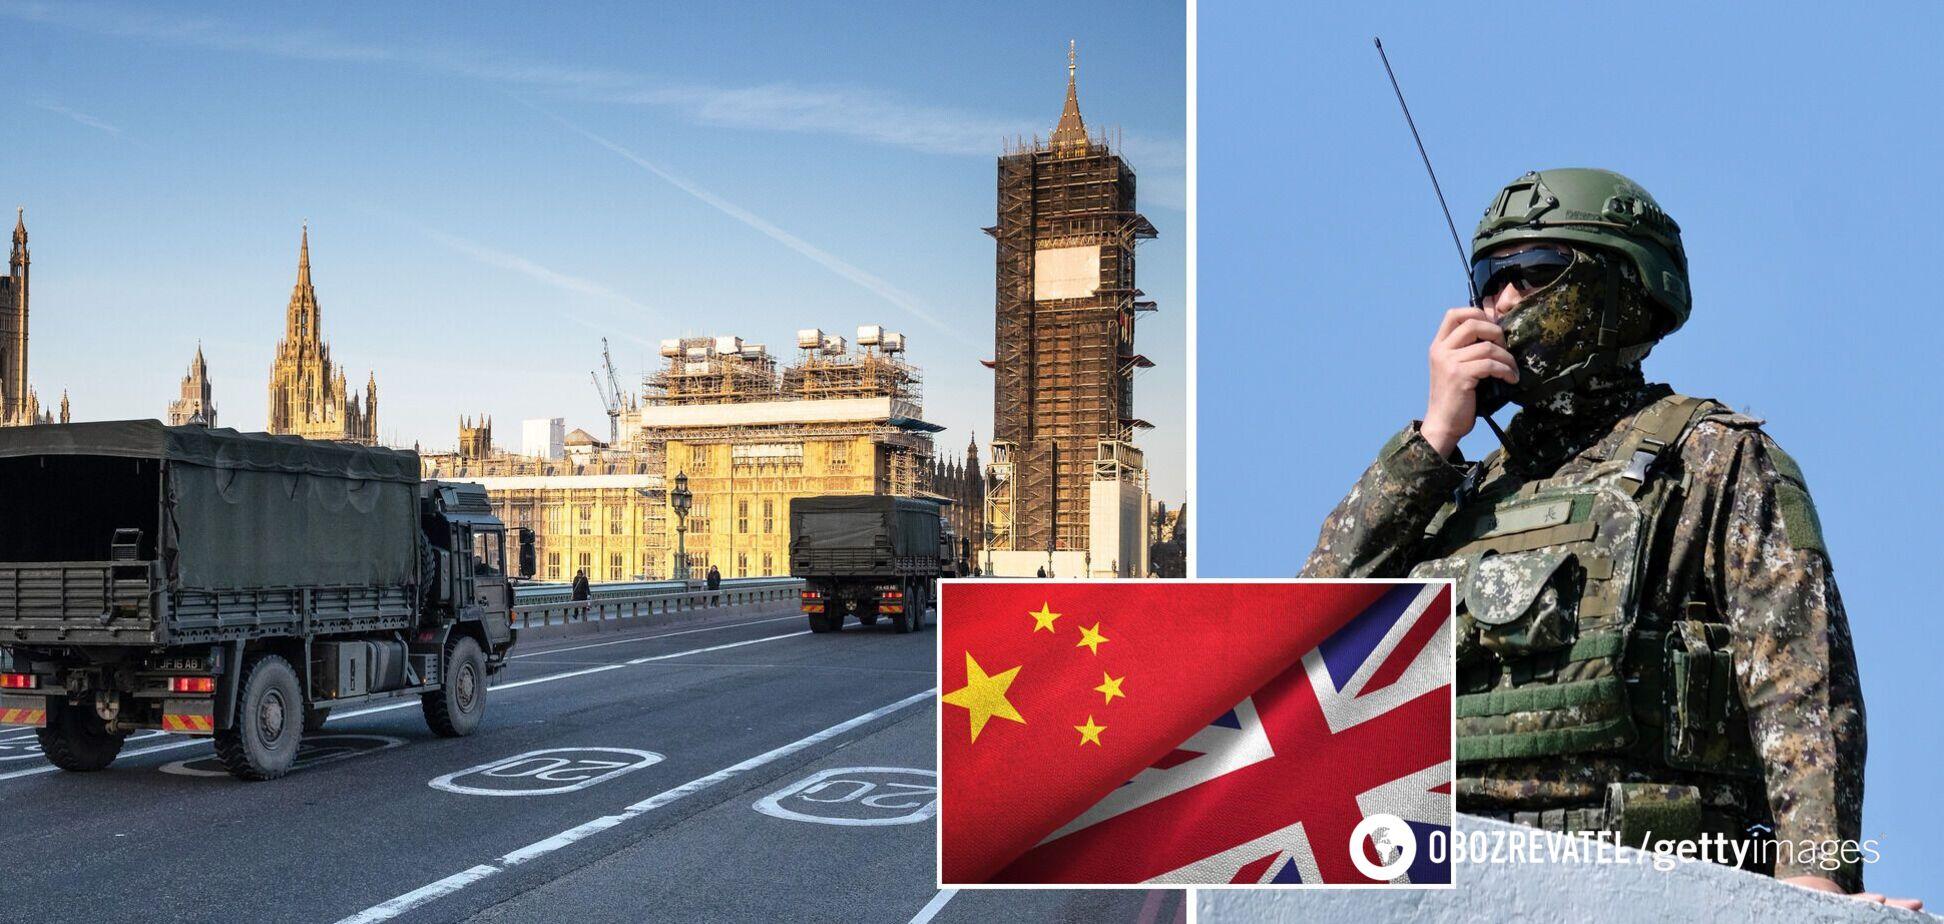 В Британии ученых заподозрили в передаче военных технологий Китаю – Times